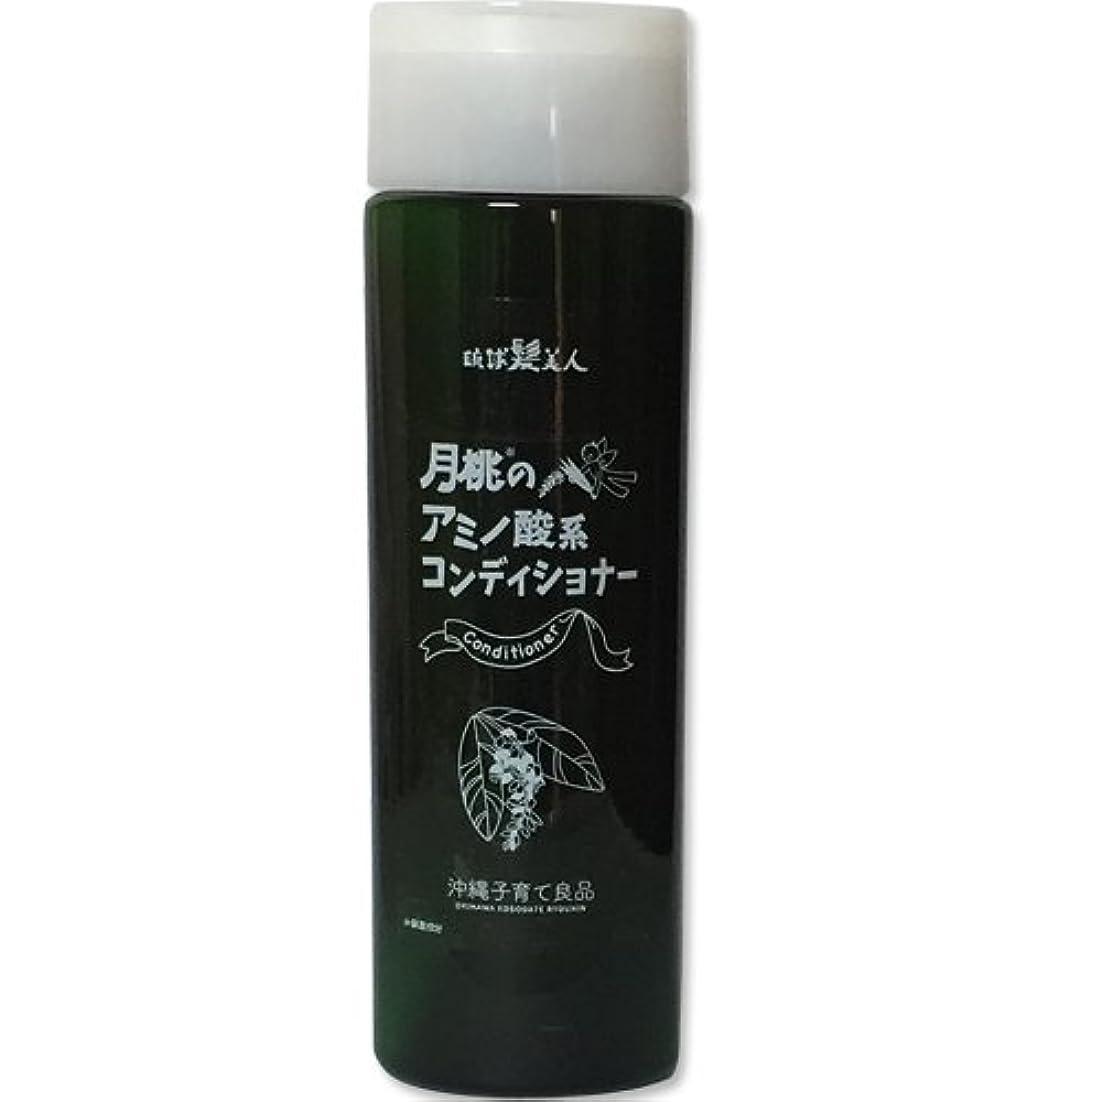 スプリット罪人大陸月桃のアミノ酸系コンディショナー 230ml